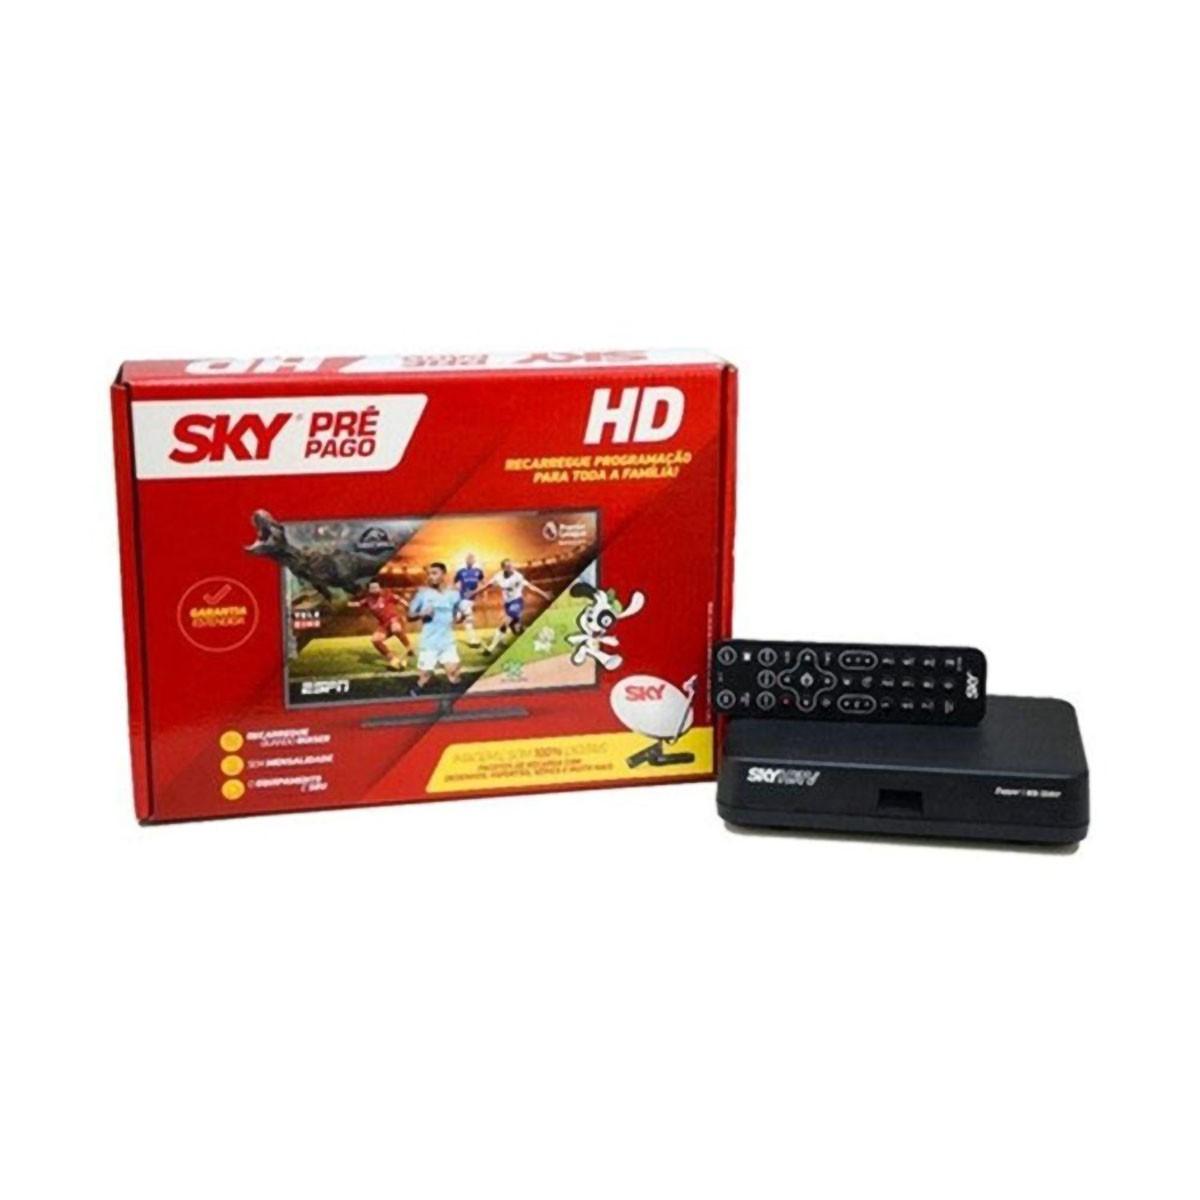 Receptor Sky Pré Pago HD + Recarga 12 Meses